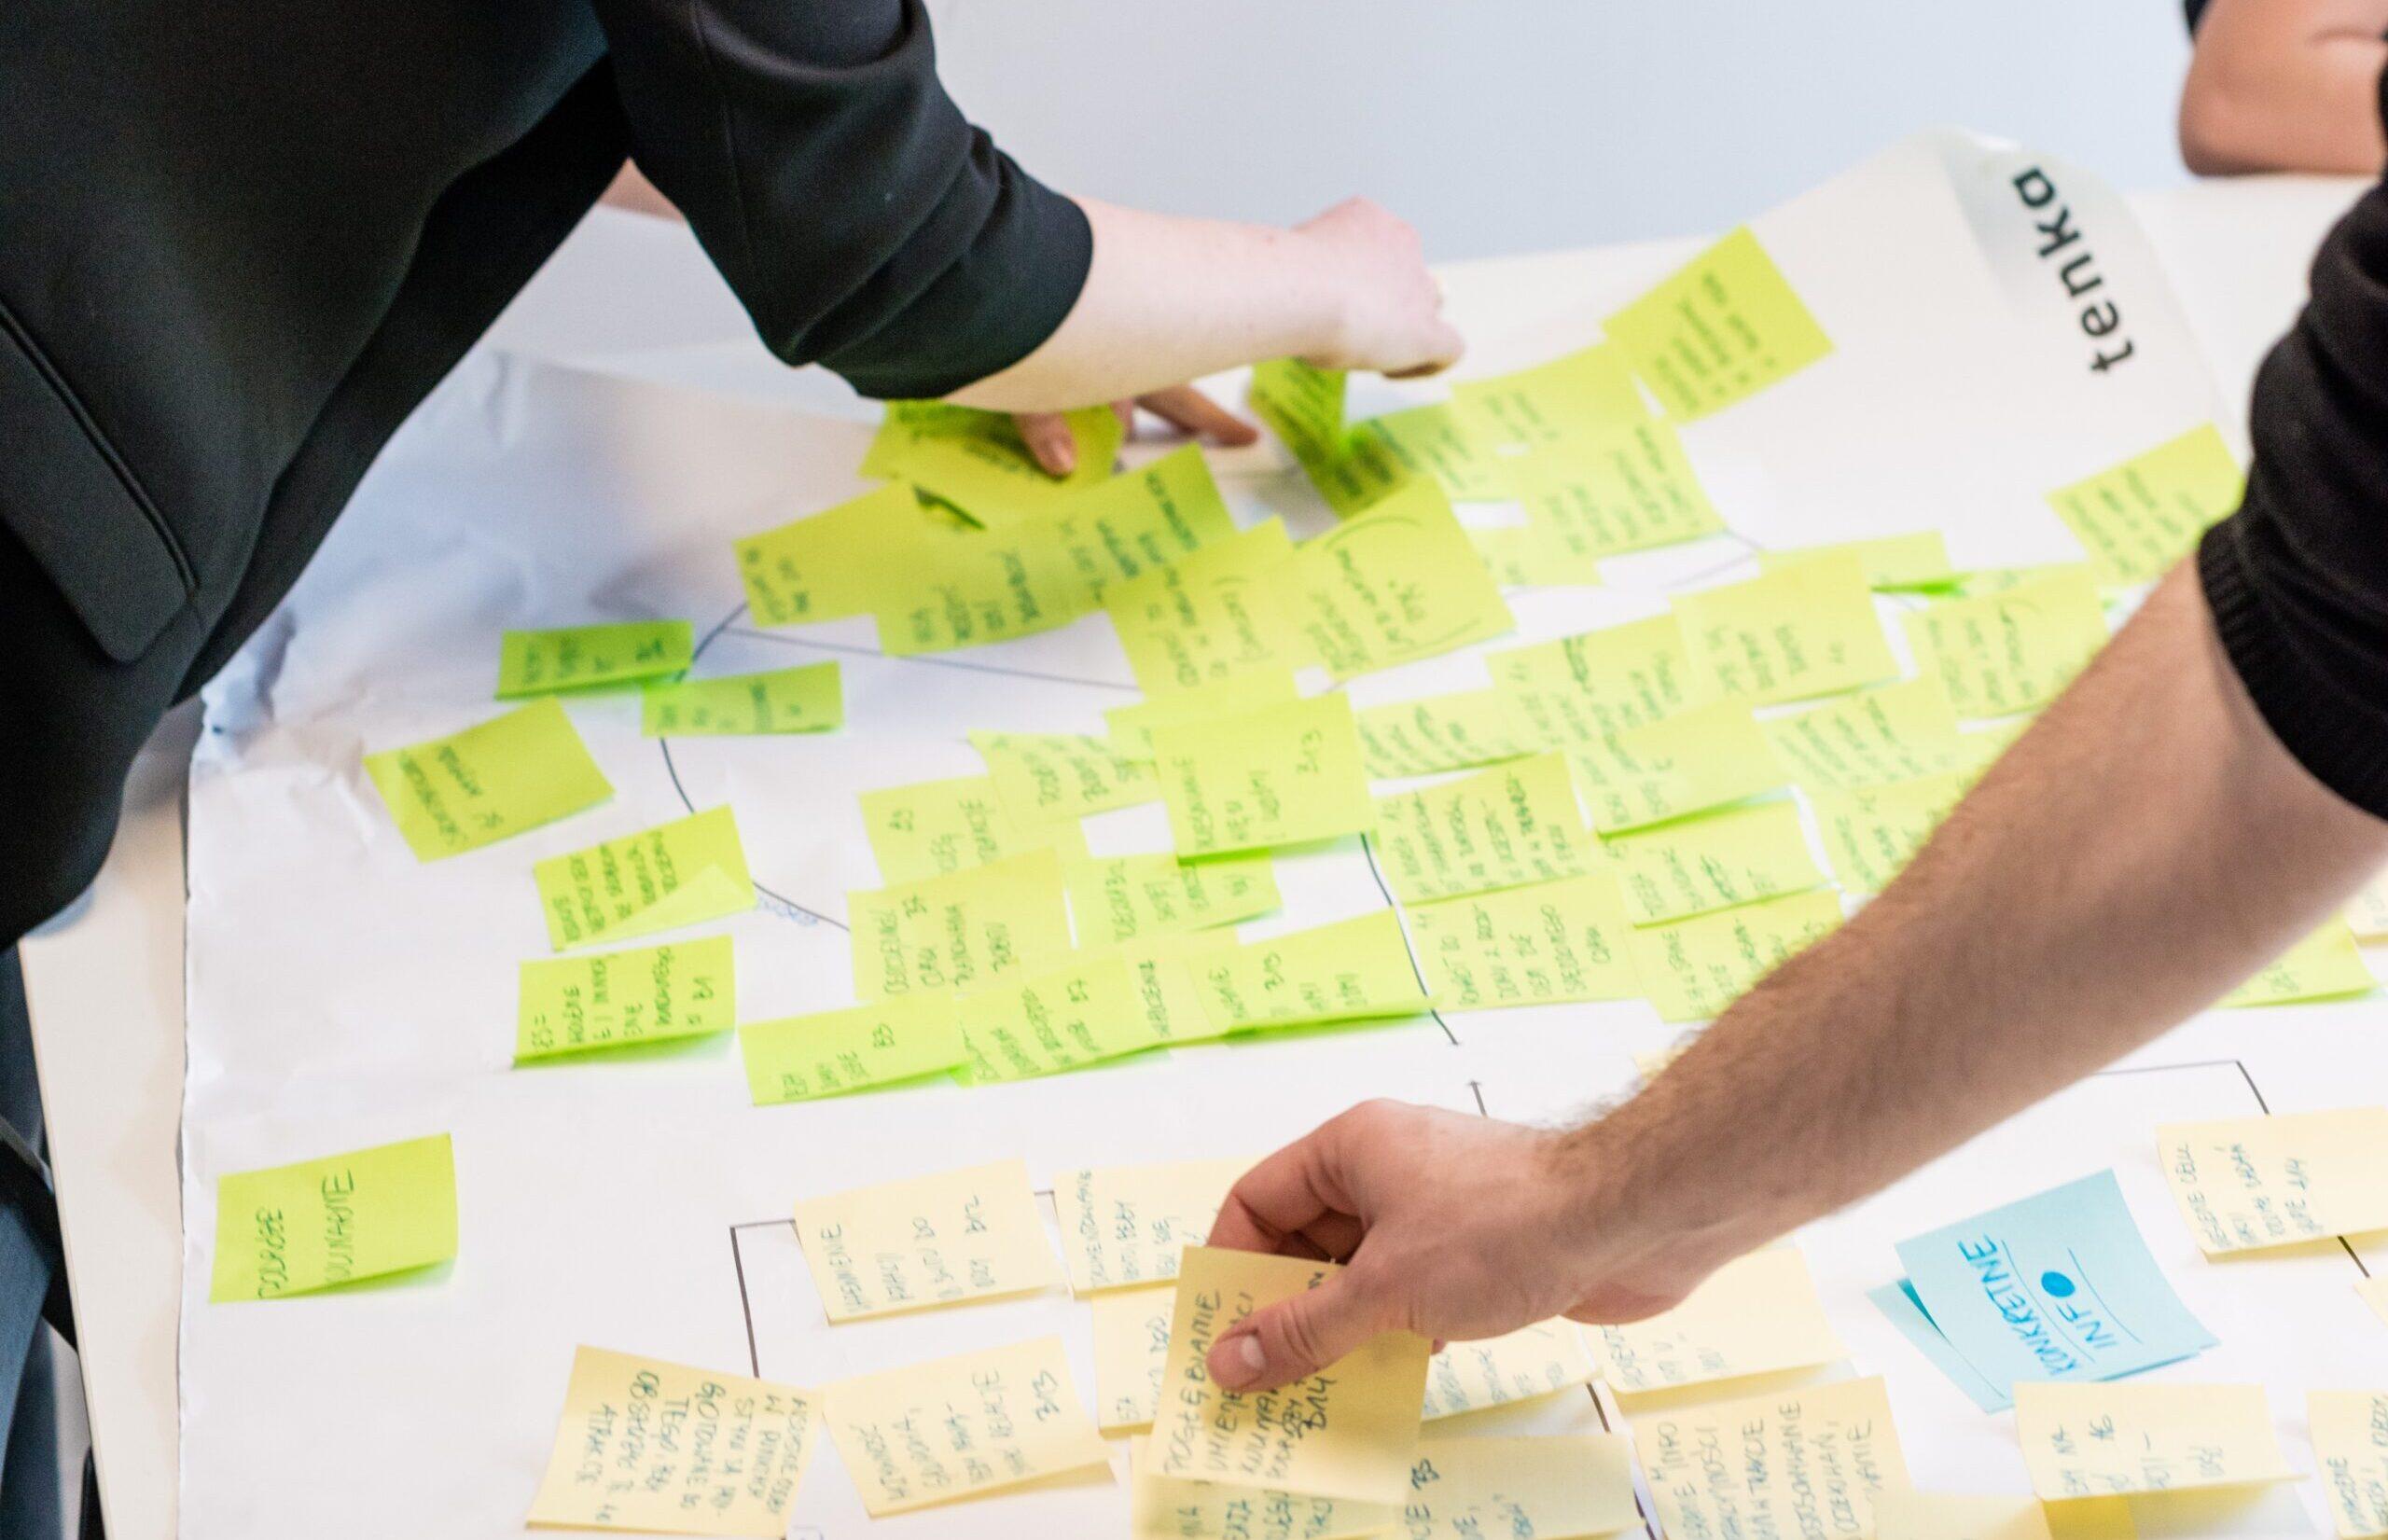 projektowanie usług